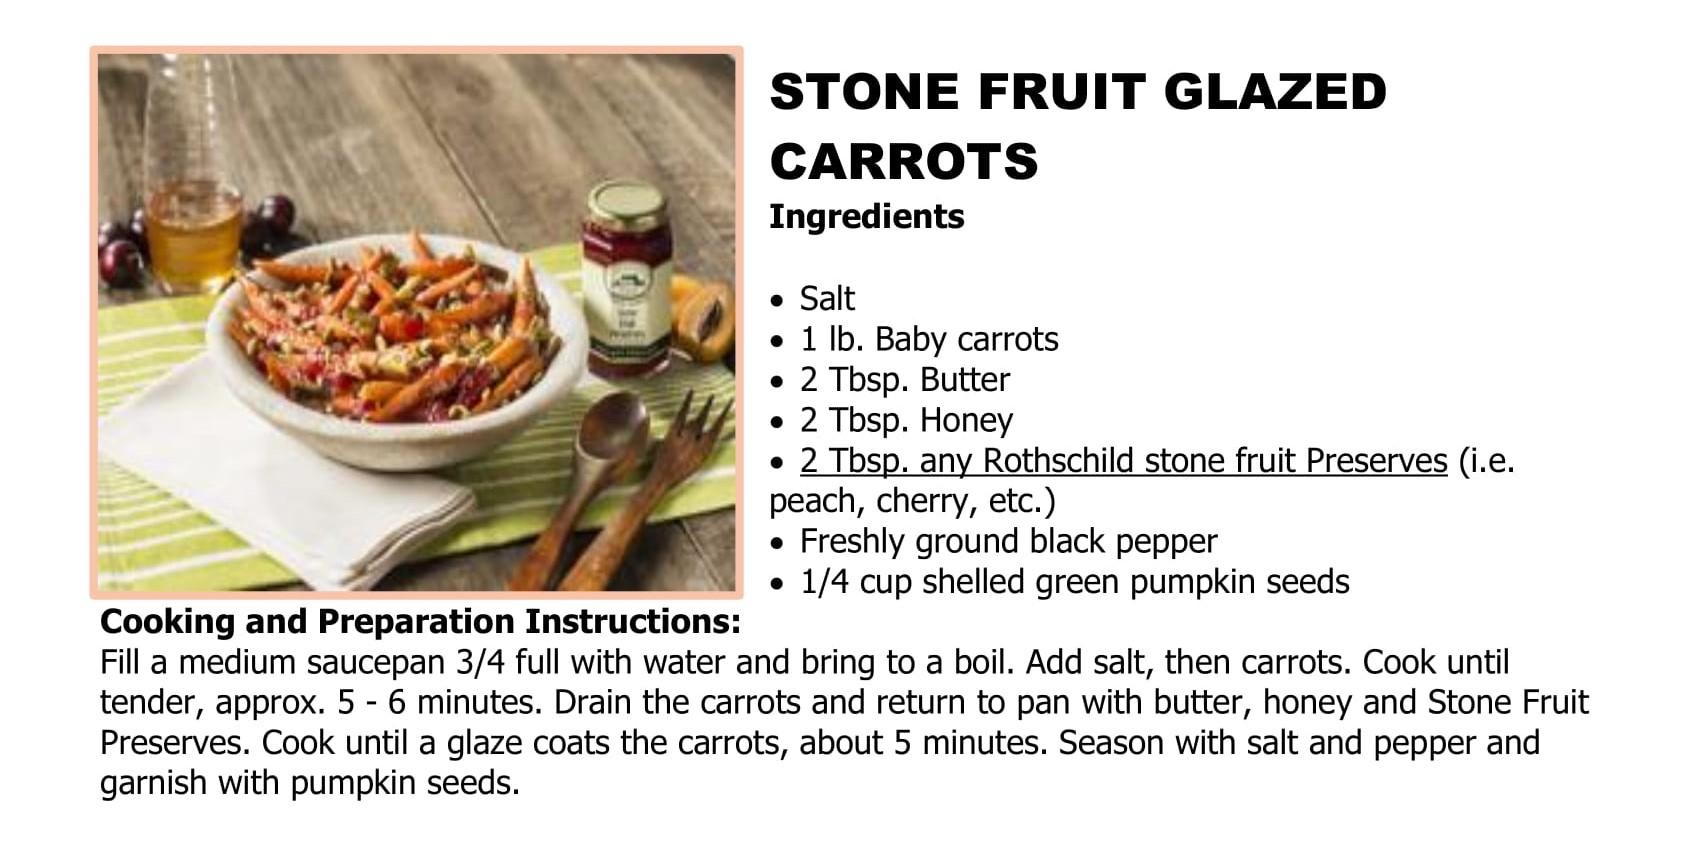 stone-fruit-glazed-carrots.jpg